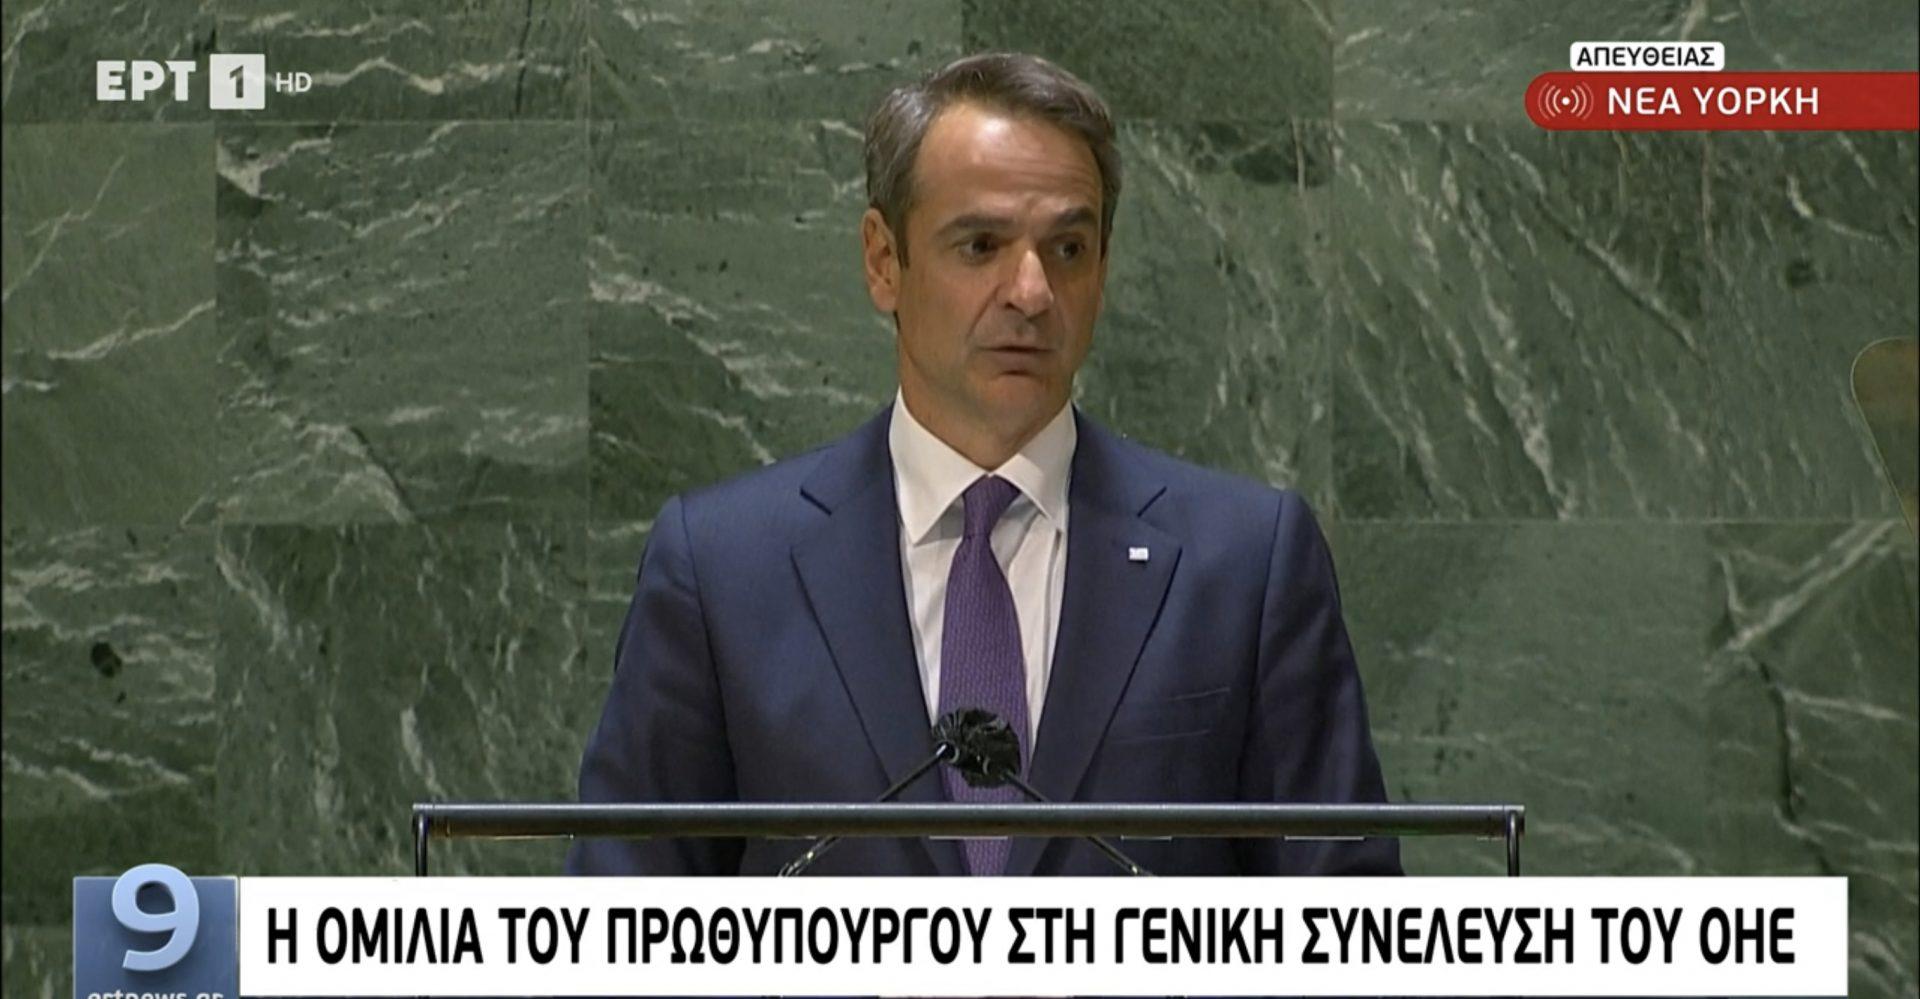 Μητσοτάκης στον ΟΗΕ: Αντί να καταδικάσει τον Τουρκολιβυκό μνημόνιο, διαφήμιζε την Volkswagen!